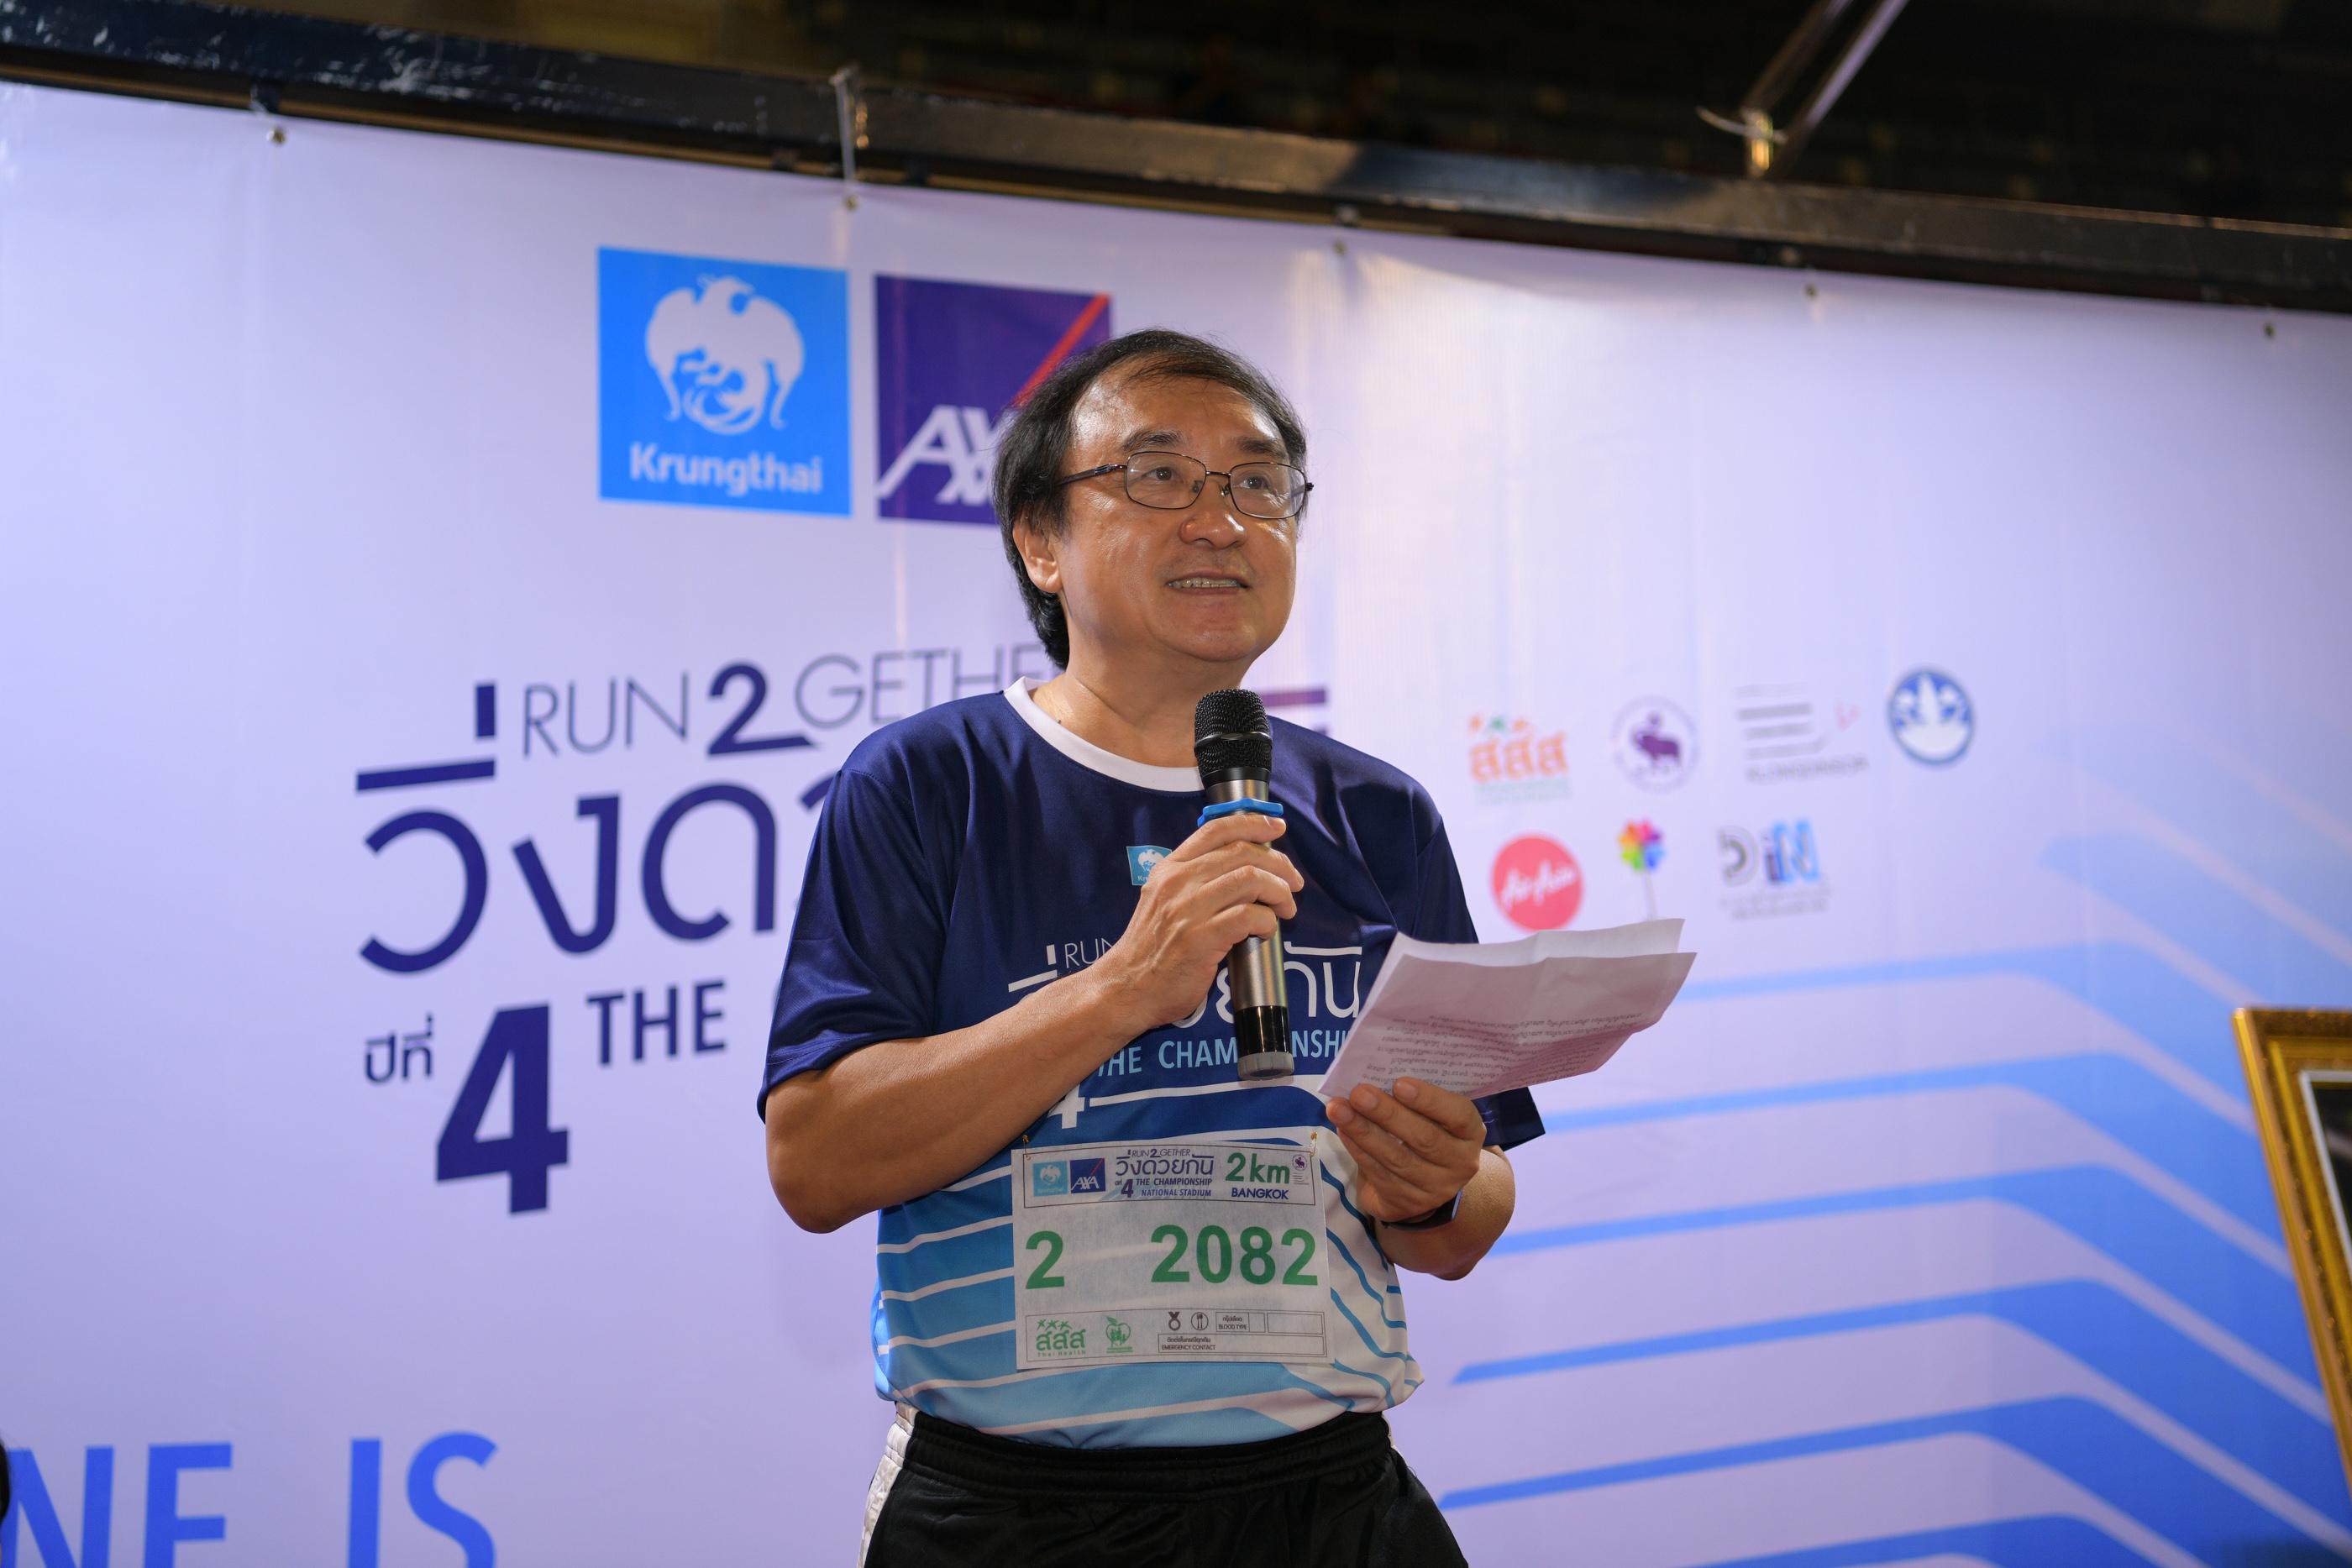 """นักวิ่งคนพิการ-ไม่พิการ ร่วม """"วิ่งด้วยกัน"""" ครั้งที่ 4 thaihealth"""